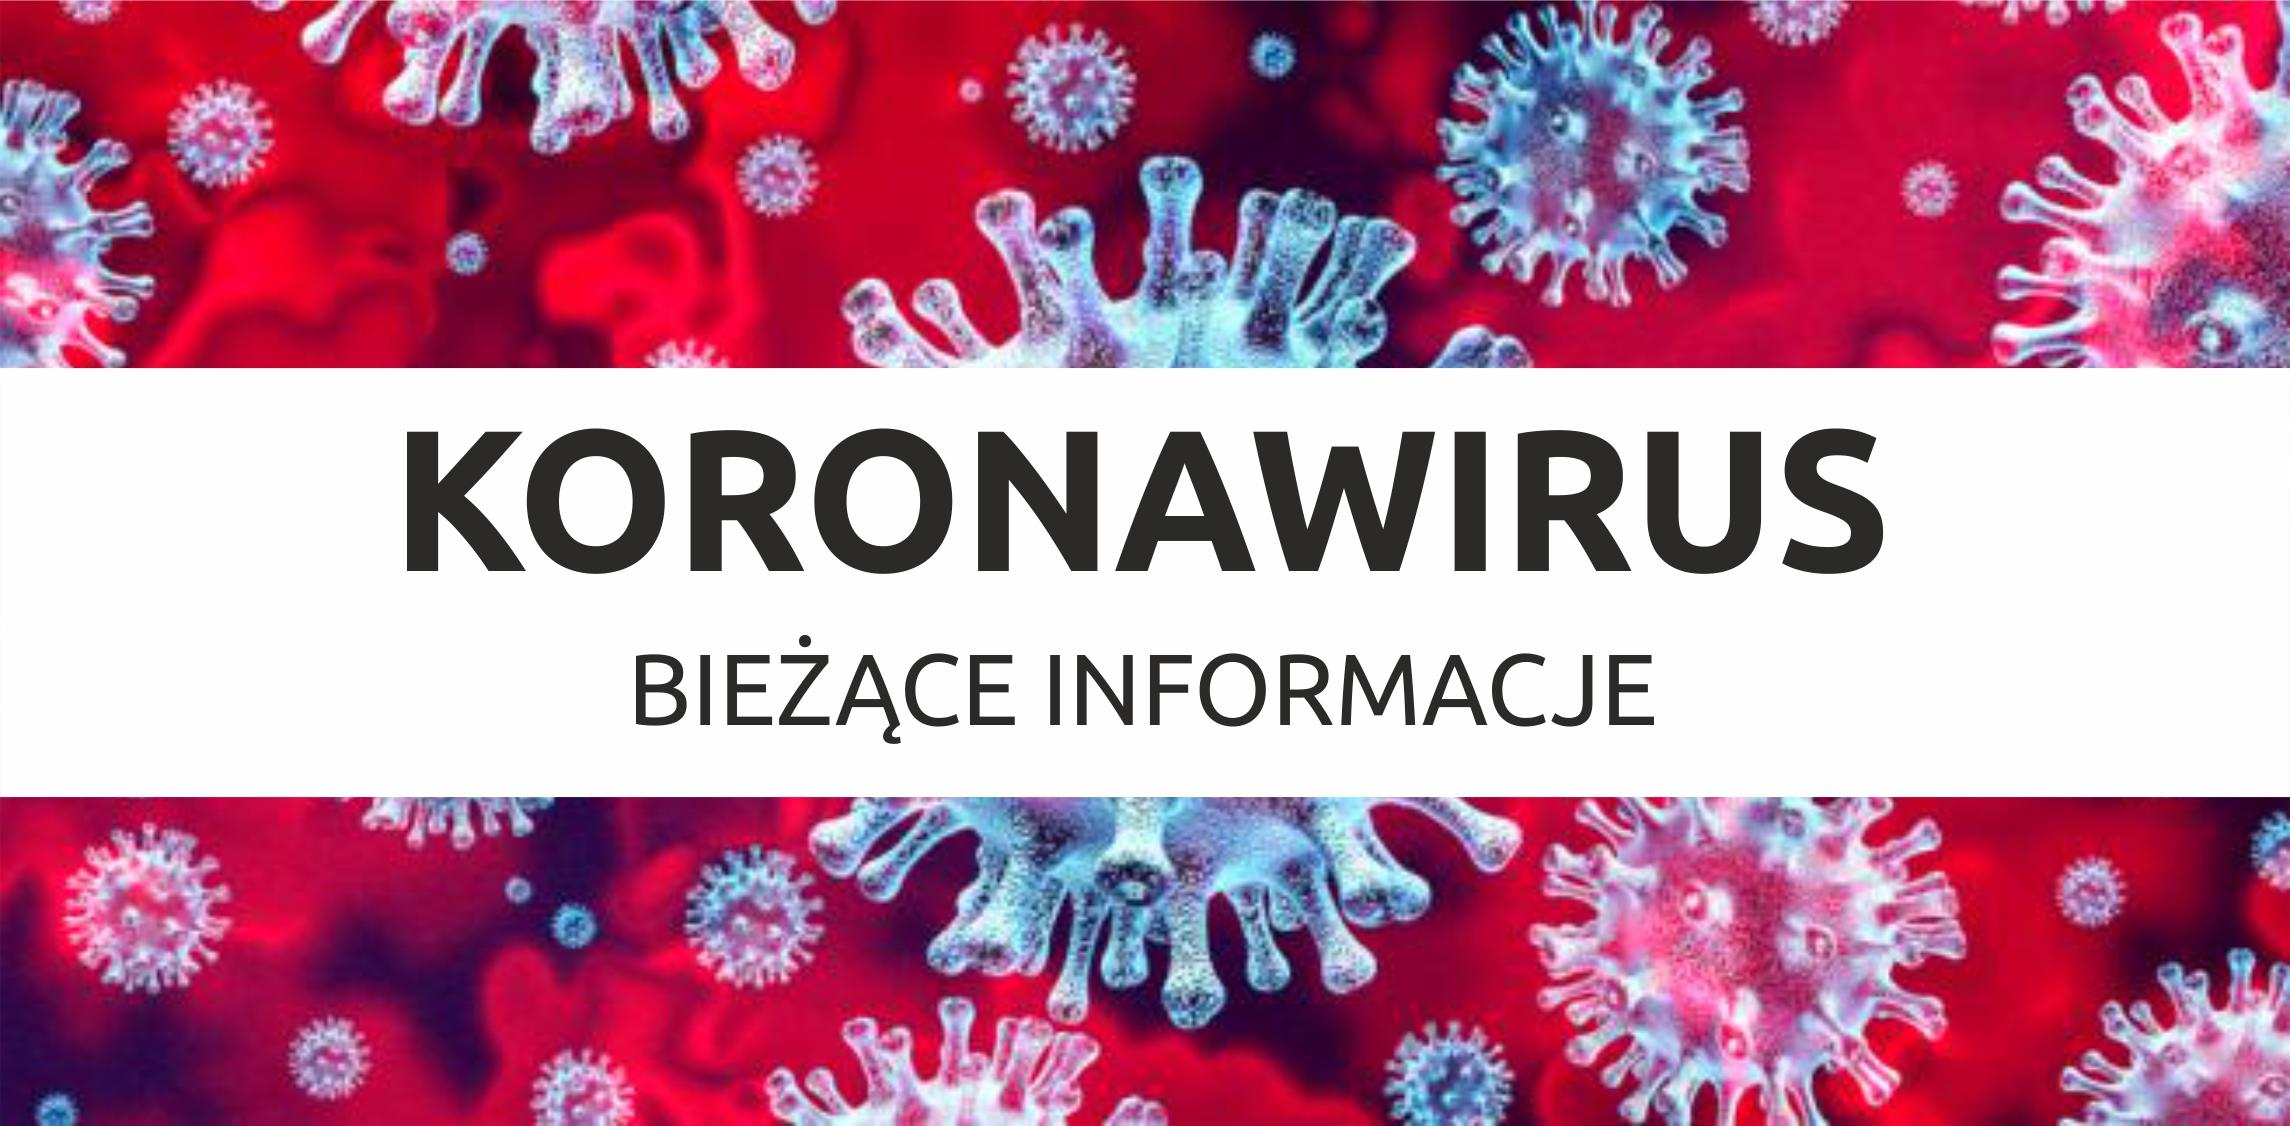 KORONAWIRUS - bieżące informacje